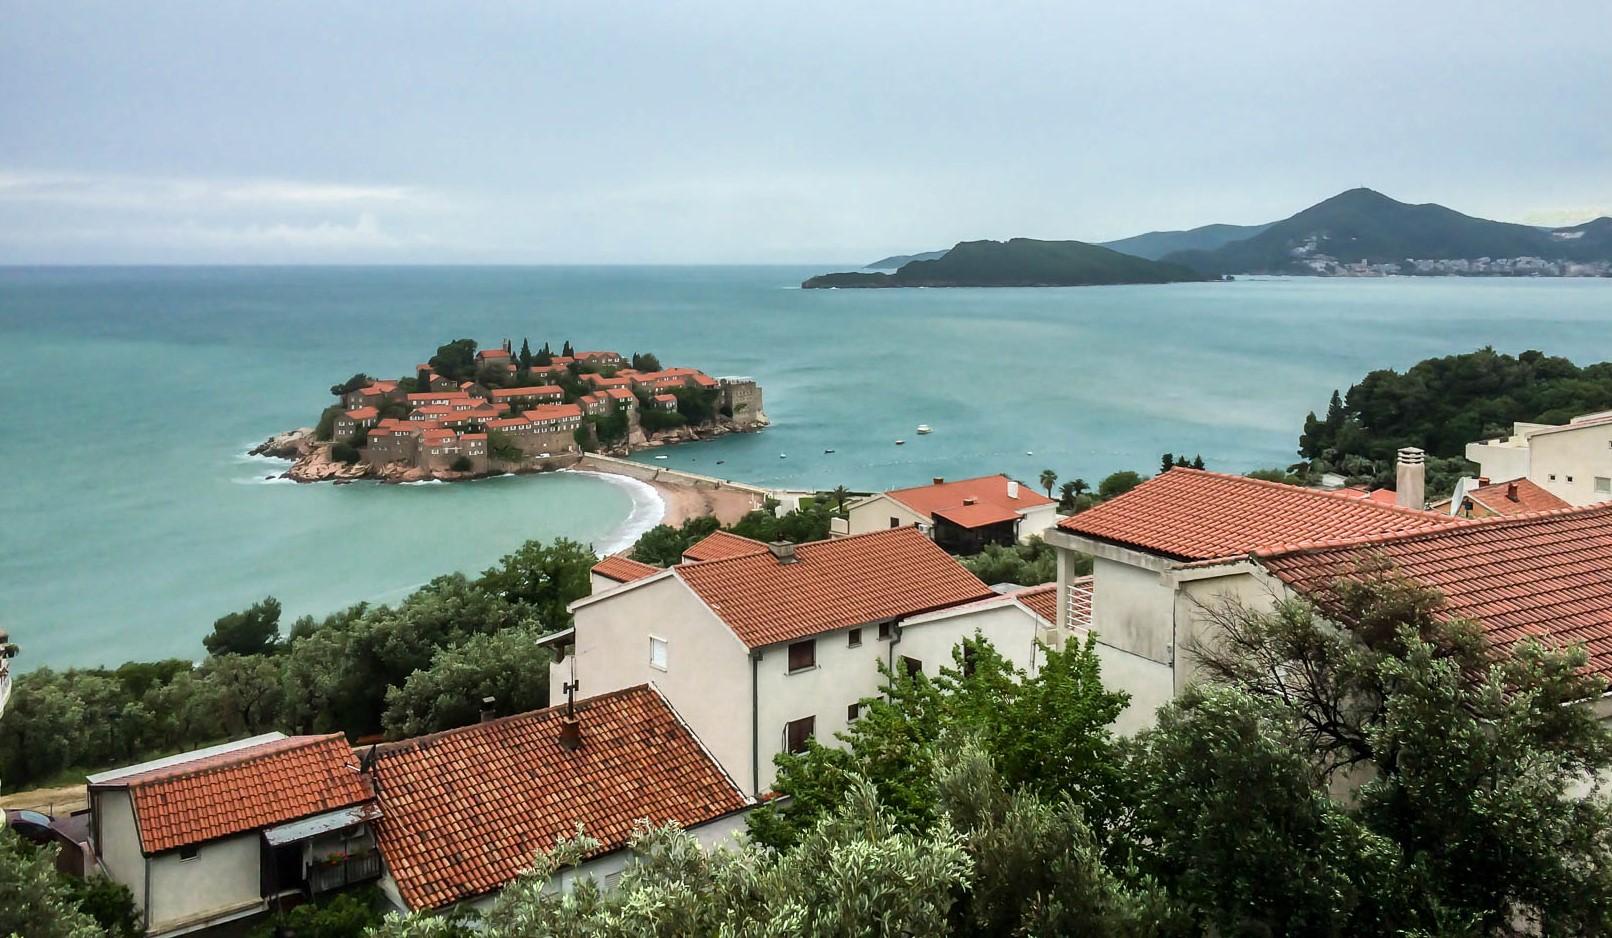 Sveti Stefan sur la côte adriatique au Monténégro